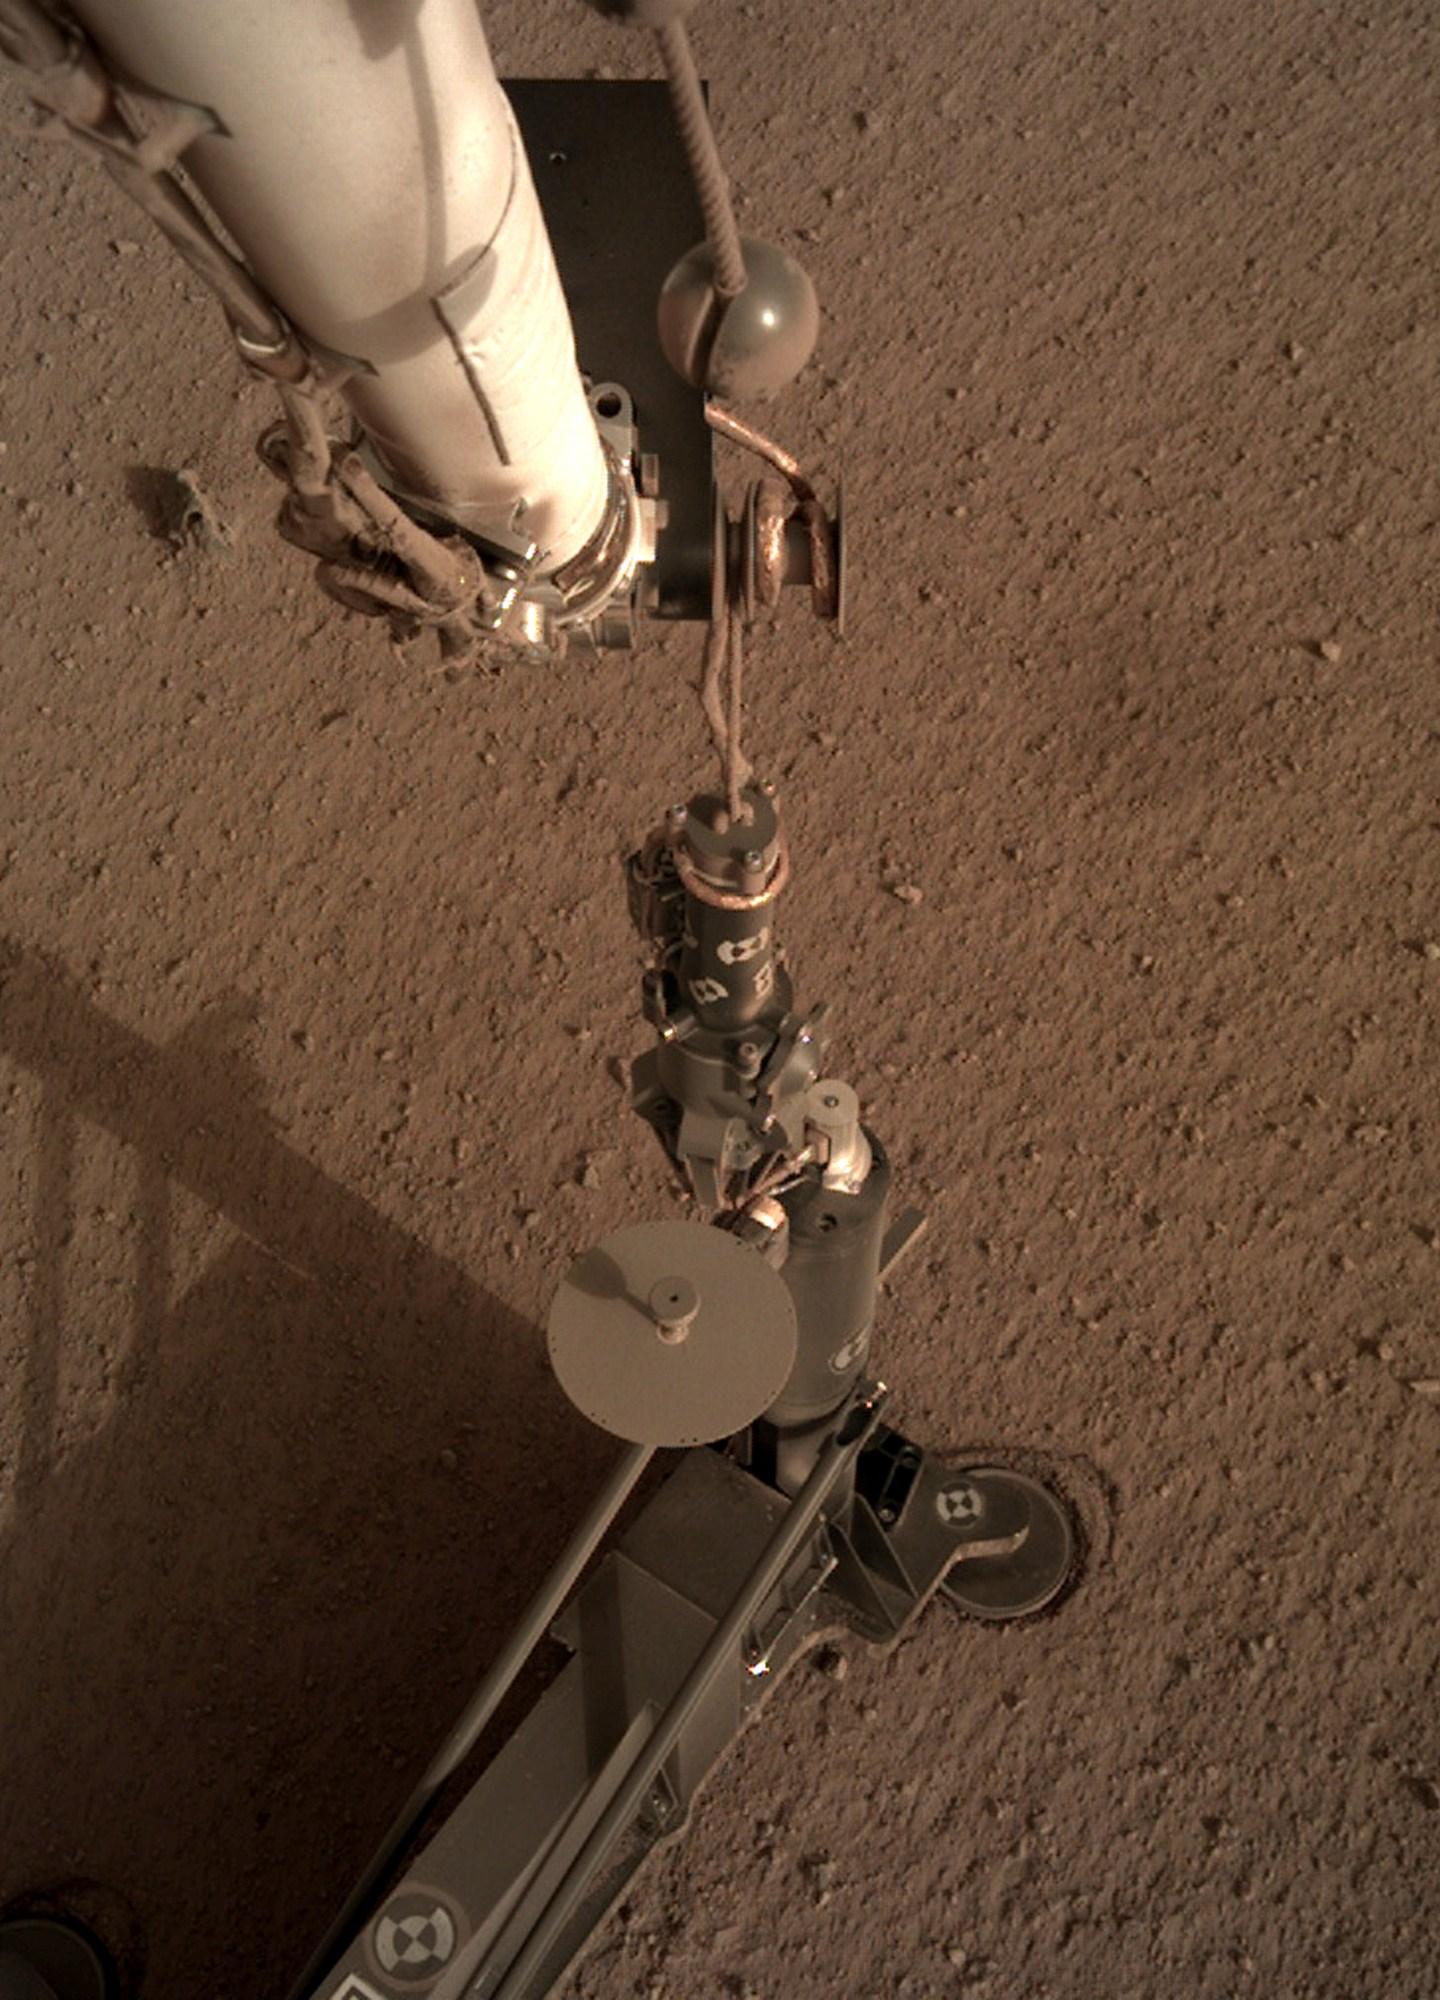 Mars_Lander_02475-159532.jpg18285241